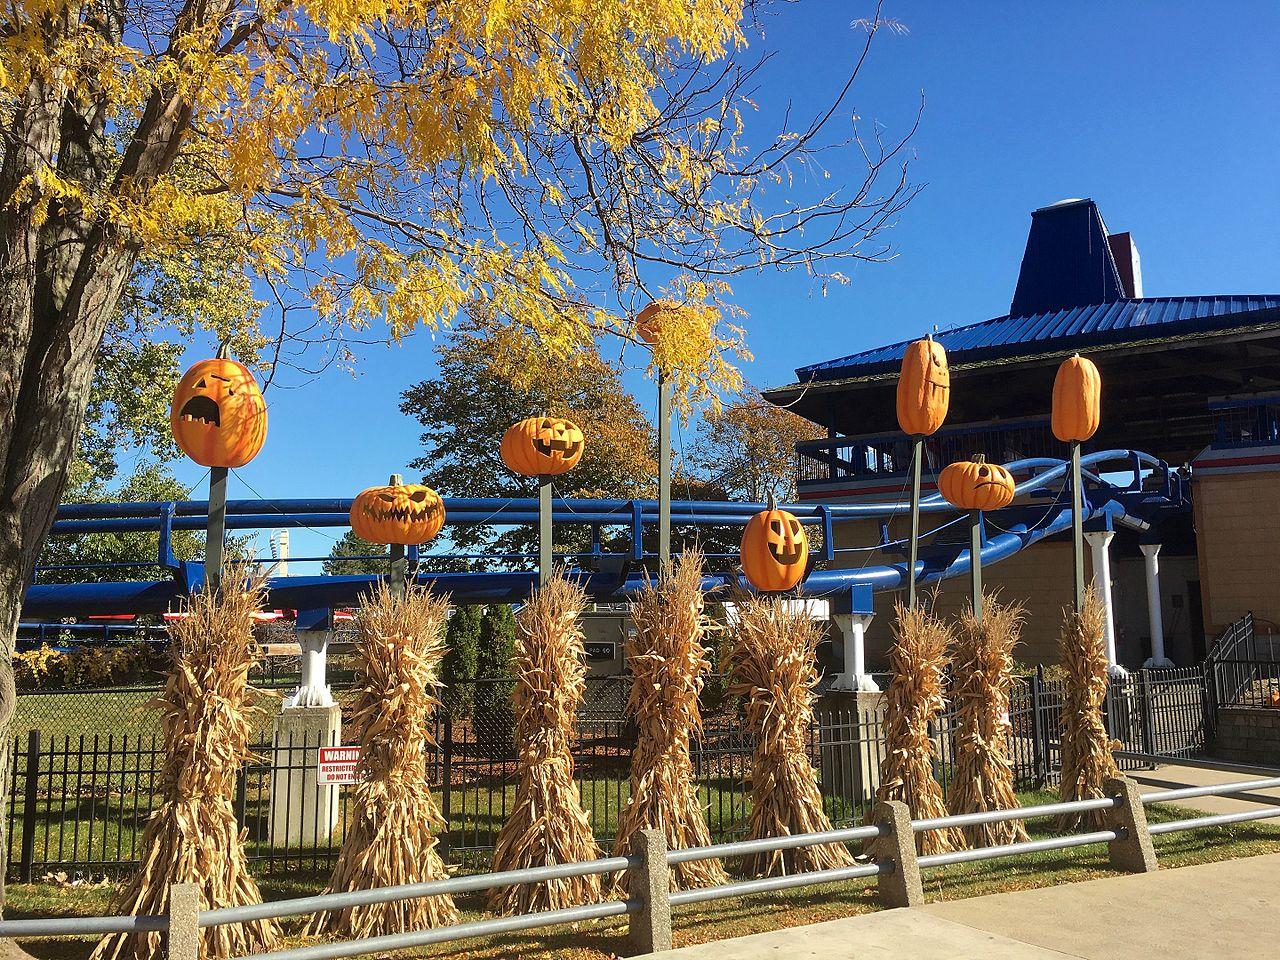 Fall Pumpkin Wallpaper File Cedar Point Halloweekends Pumpkins Near Corkscrew